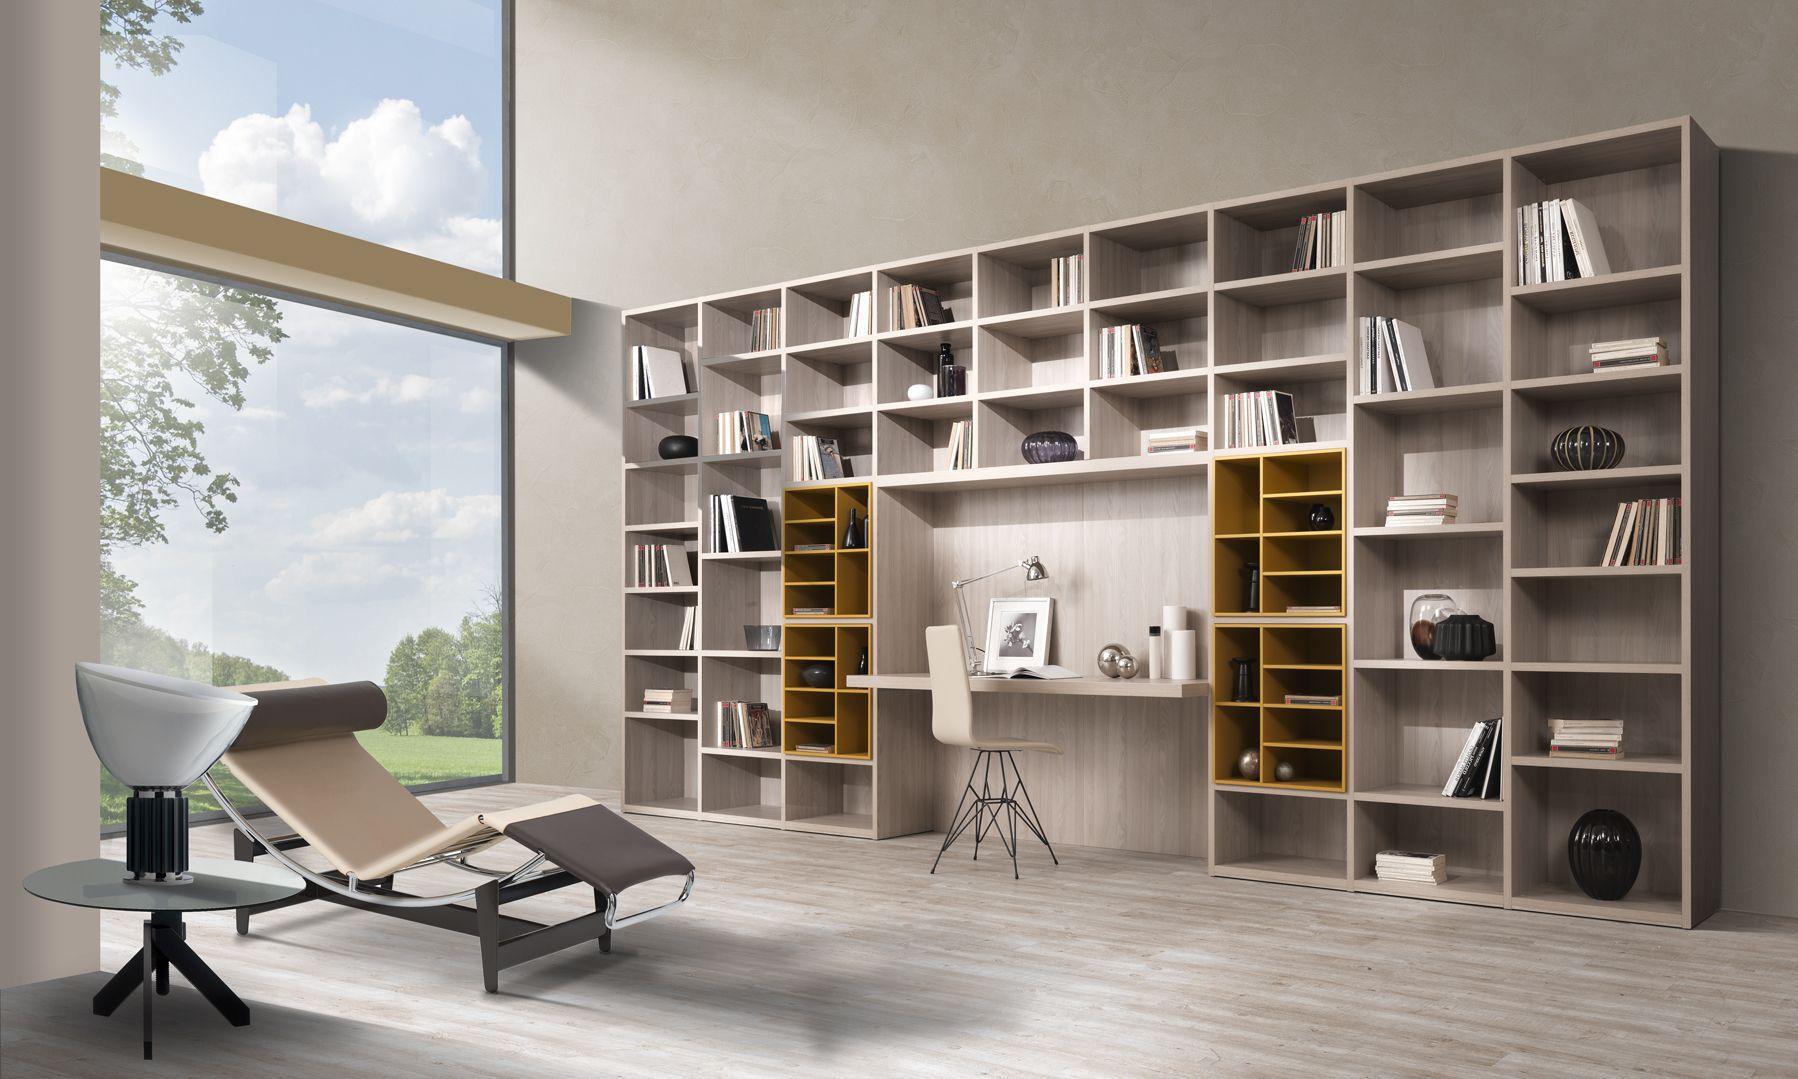 Libreria a muro in legno librari pinterest legno soggiorni e scrivania - Libreria a ponte ikea ...